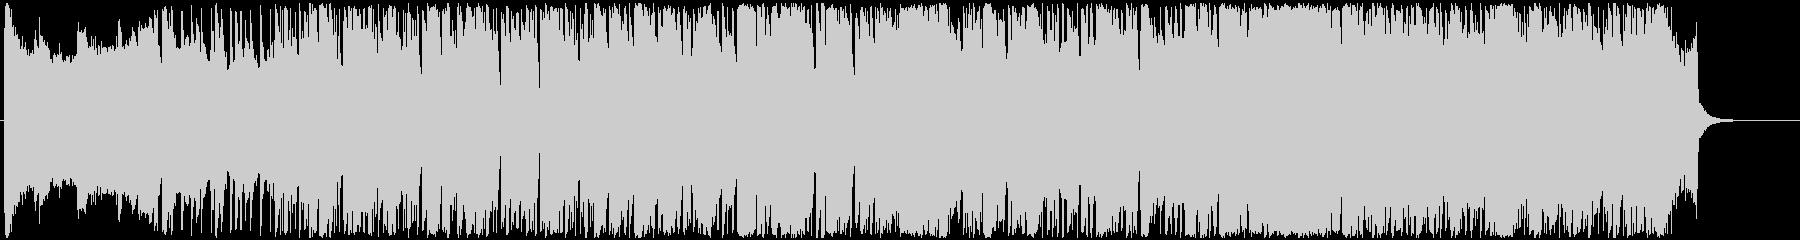 軽快なリズムで明るいBGMの未再生の波形